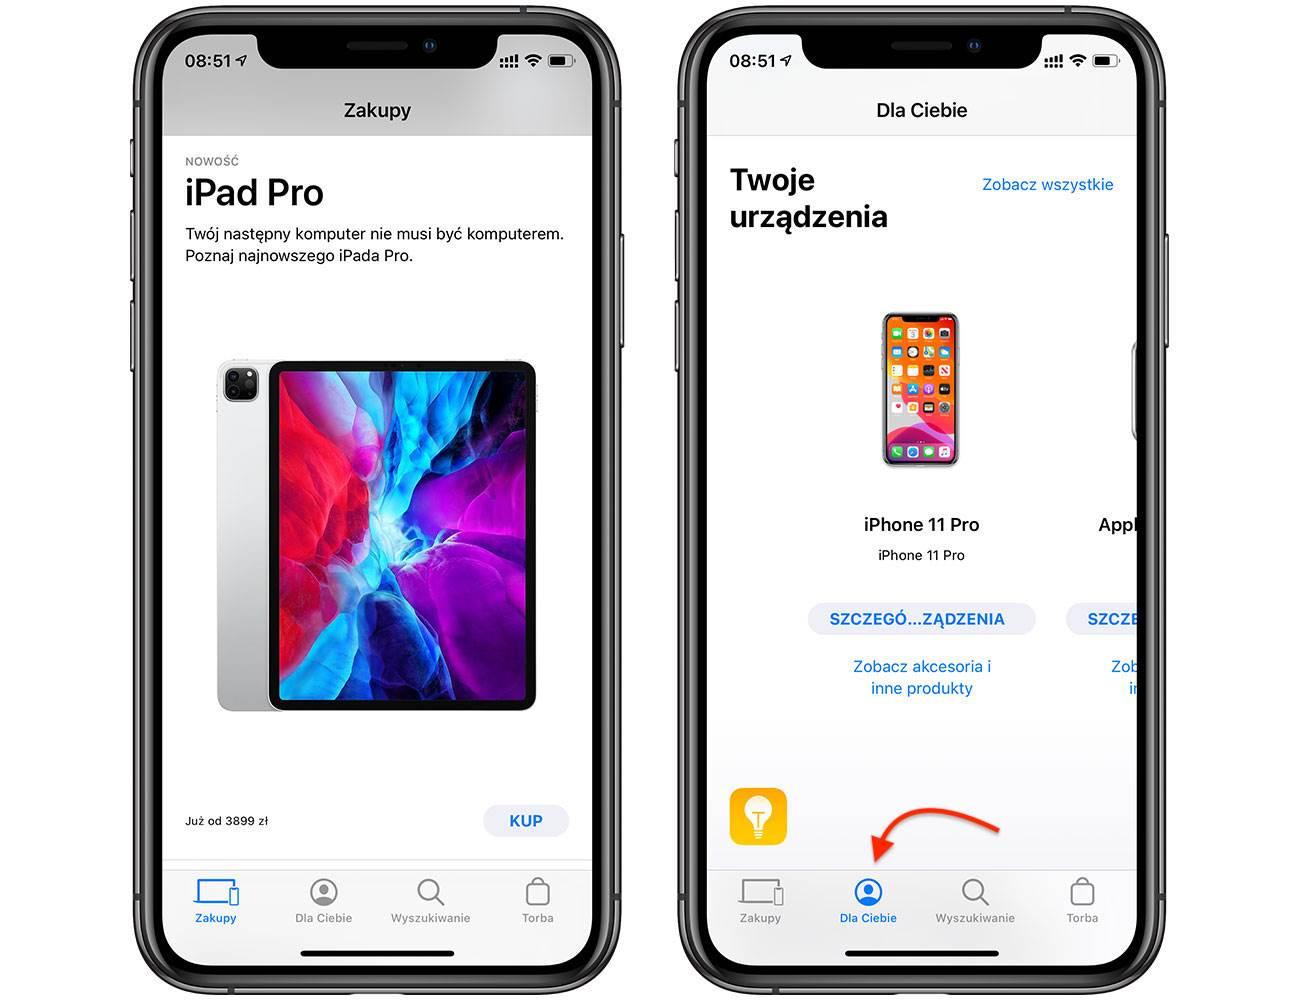 Aplikacja Apple Store na iOS ma nową zakładkę ?Dla Ciebie? polecane, ciekawostki iOS, dla ciebie, Apple Store, Aplikacja  Firma Apple zaktualizowała aplikację Apple Store i dodała nową zakładkę ?Dla Ciebie? ze spersonalizowanymi rekomendacjami i innymi innowacjami. AppleStore 1